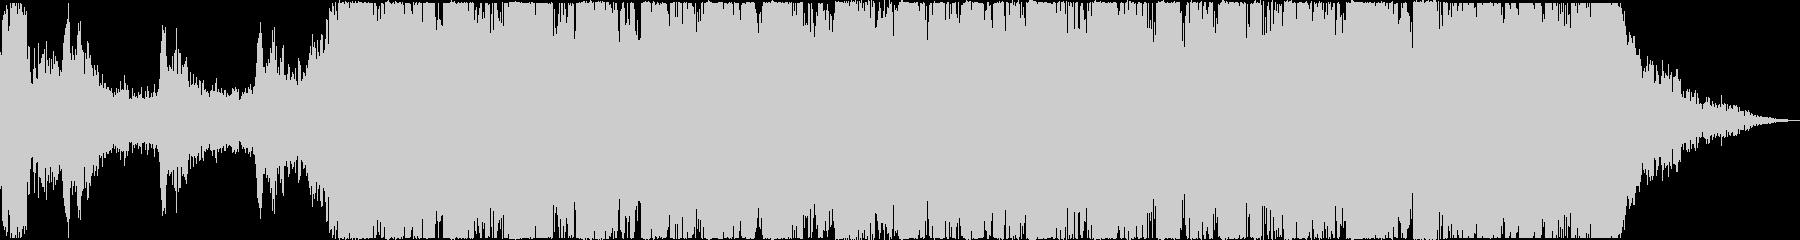 ボスキャラ登場シーン系BGMの未再生の波形